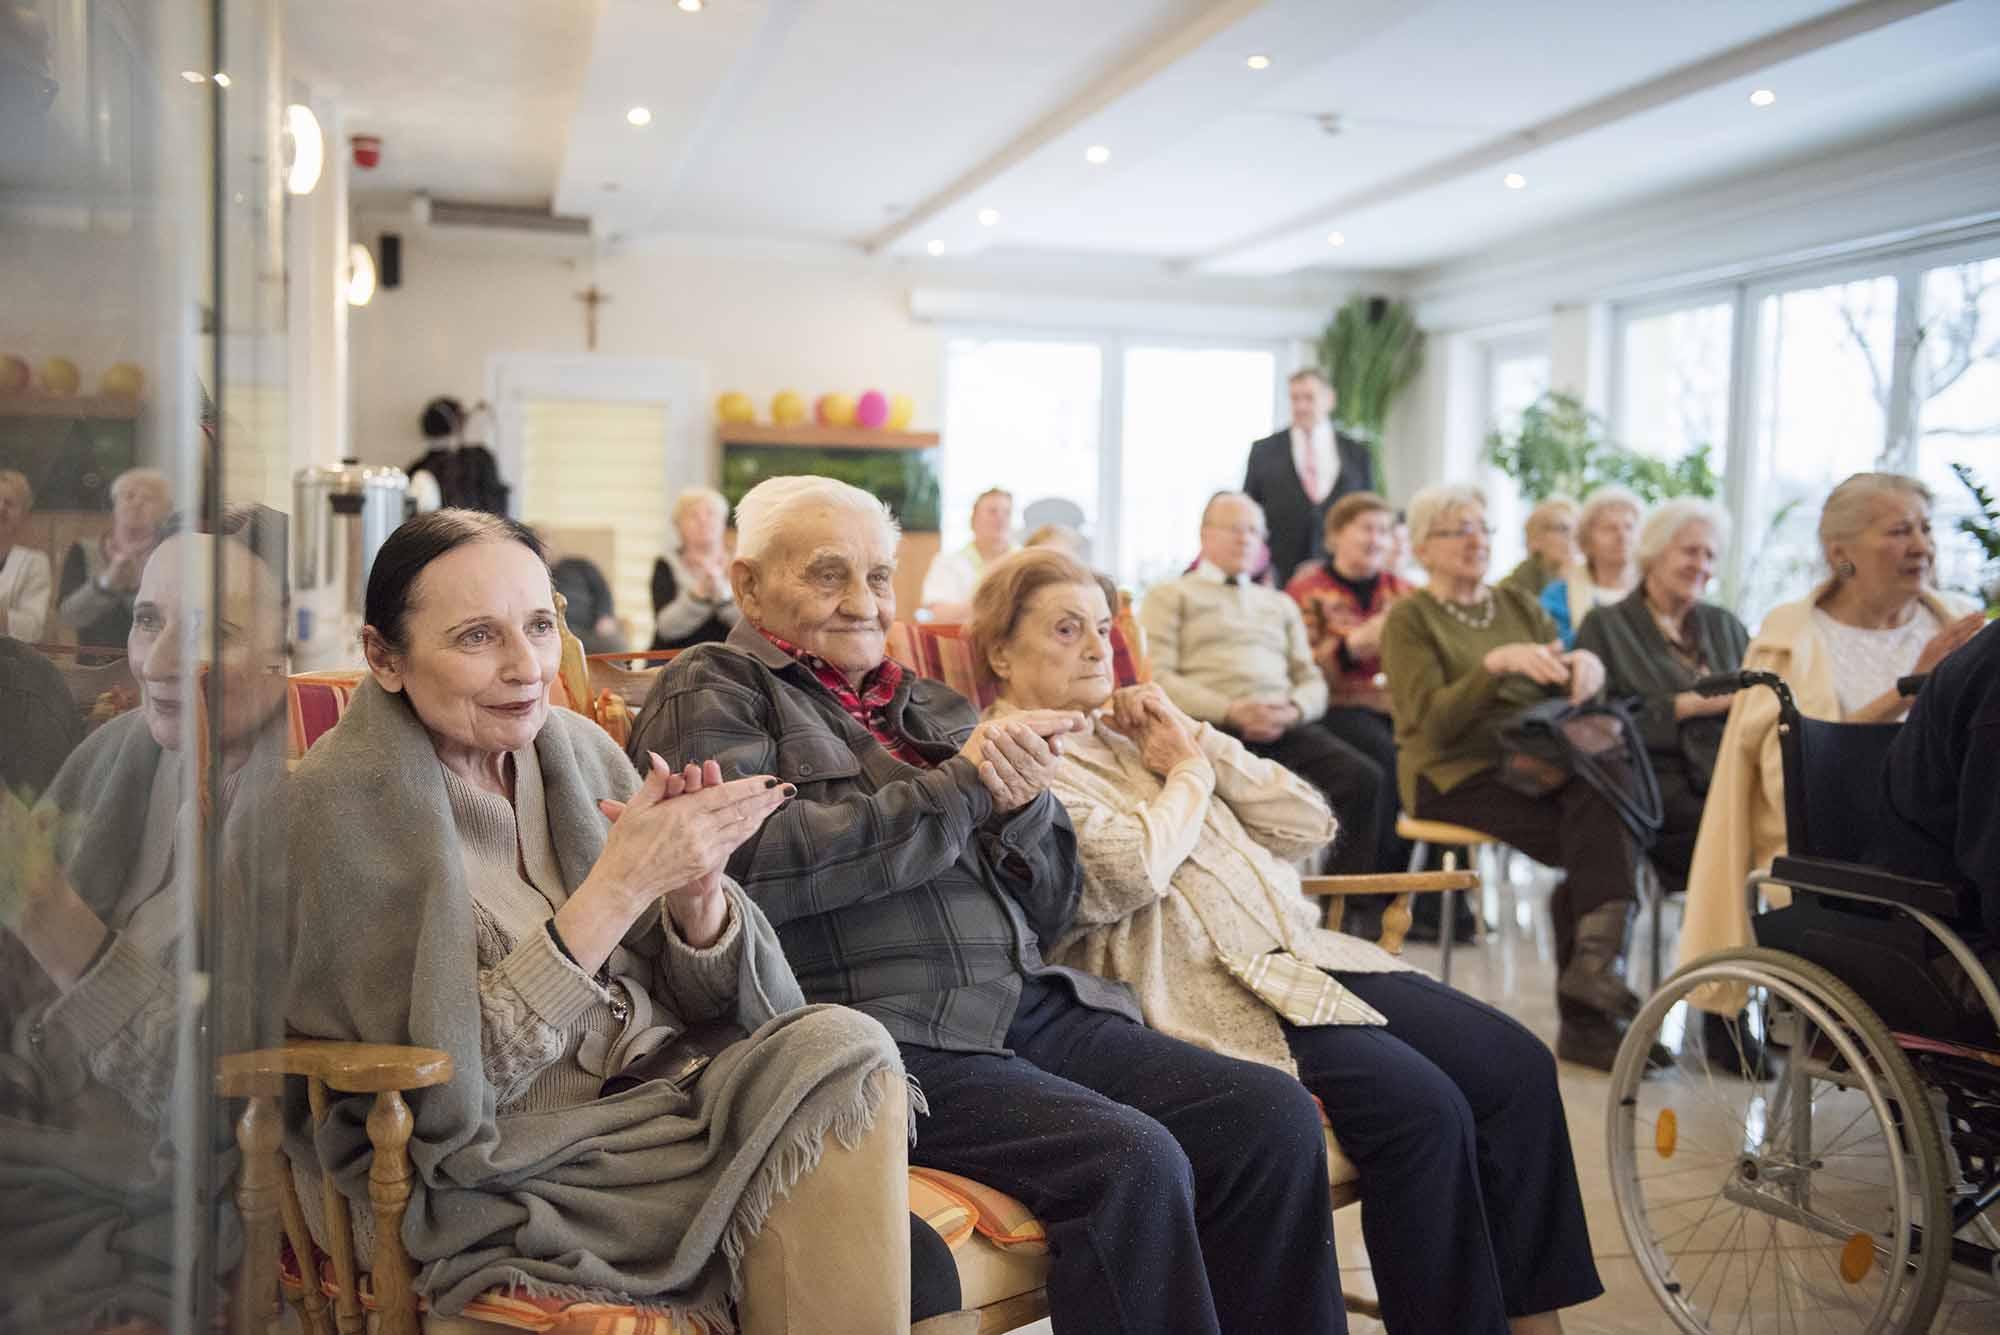 Z każdą piosenką mieszkańcy Domu coraz bardziej się angażują we wspólne śpiewanie.